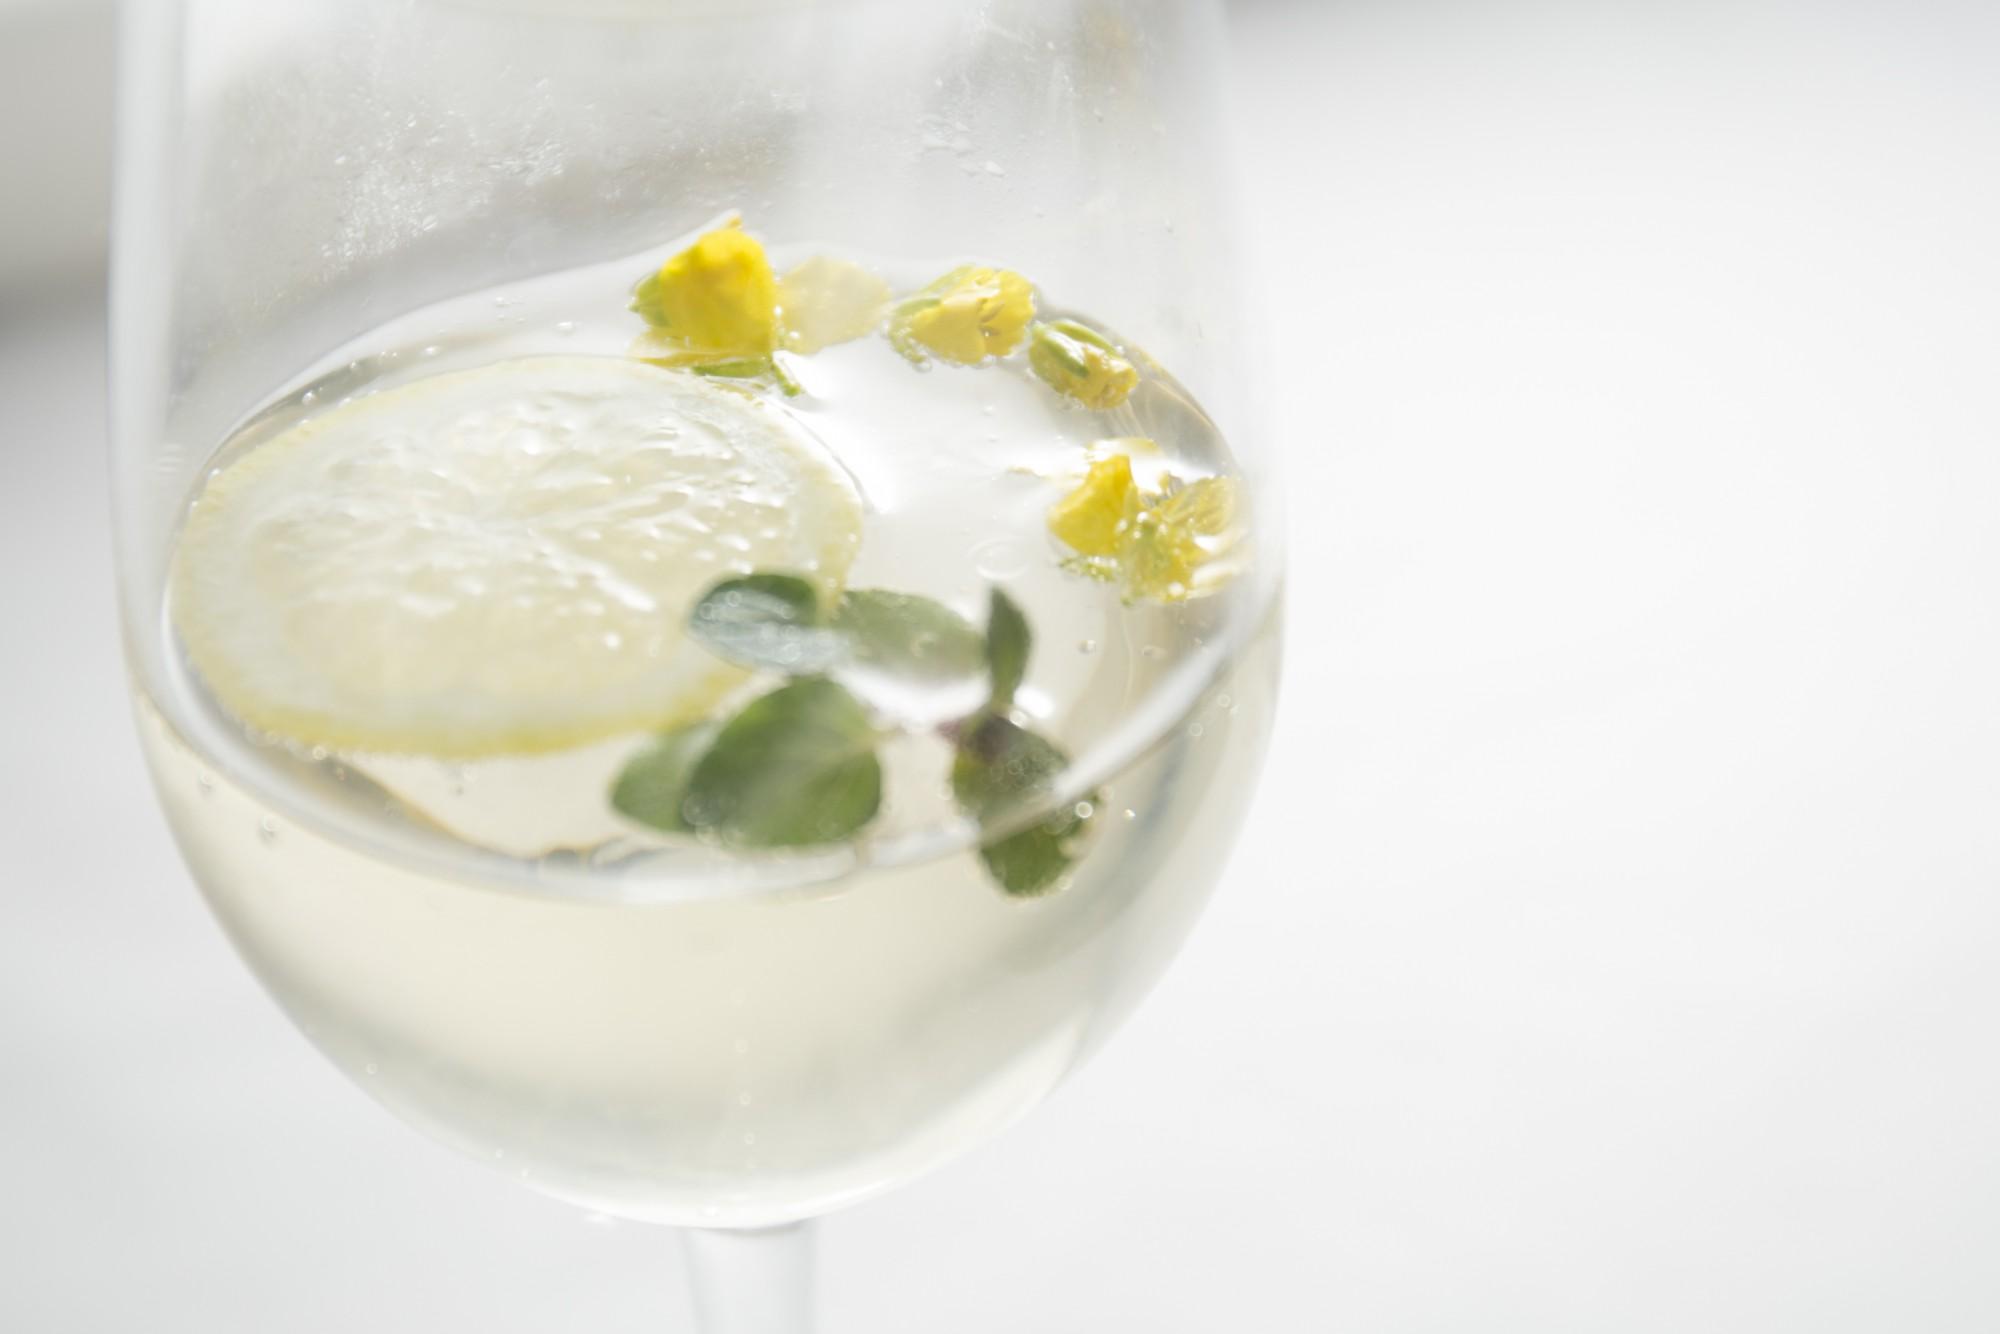 「吉乃川 ワイン酵母仕込み ハーブとグレープフルーツのカルテル」